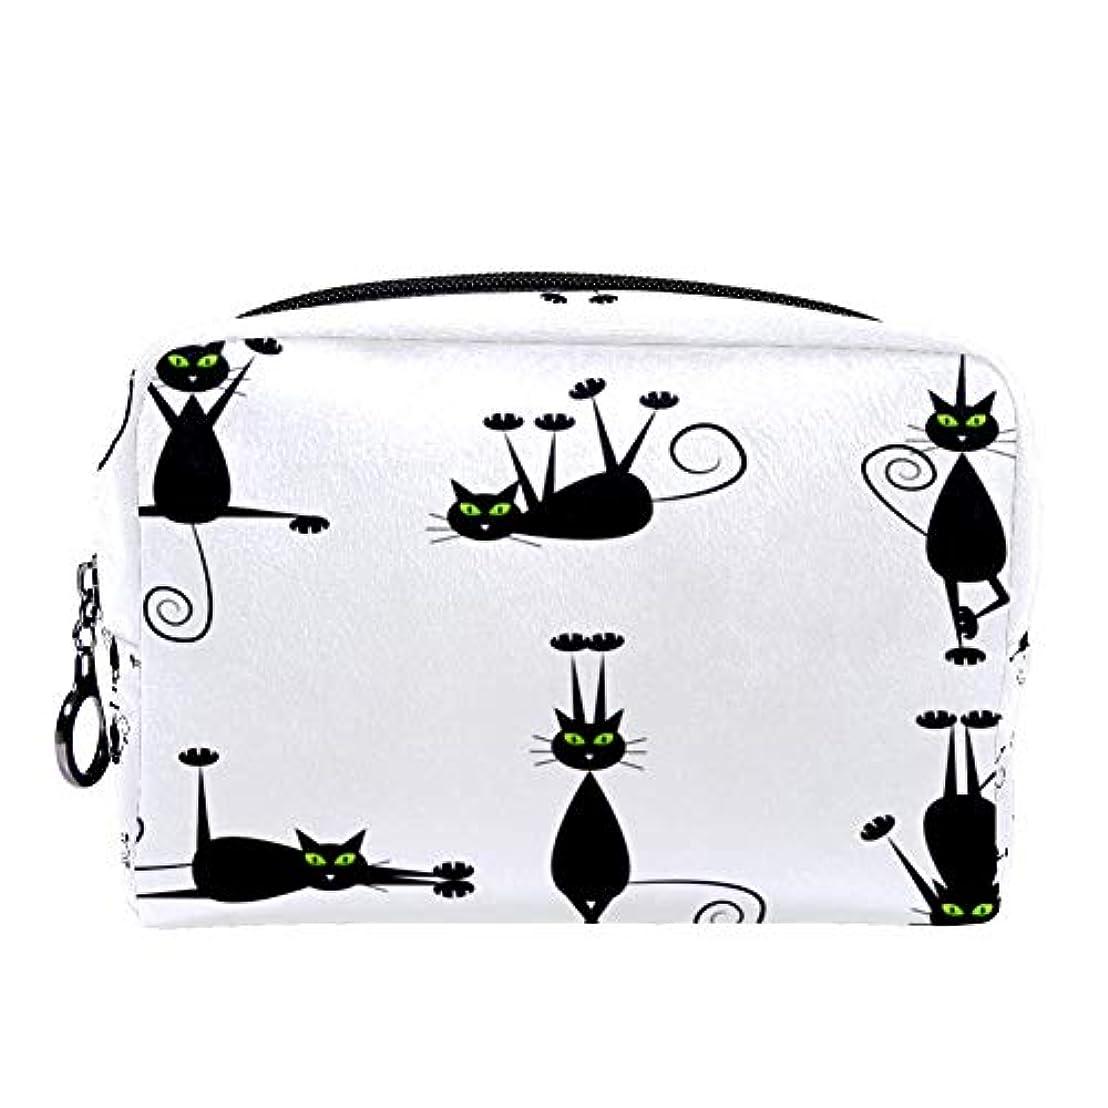 埋め込む好み光Dragon Sword 化粧ポーチ レディース 黒い 猫柄 コスメポーチ メイクポーチ 柔らかい コンパクト 軽量 化粧品収納 小物ポーチ出張 旅行 持ち運び便利